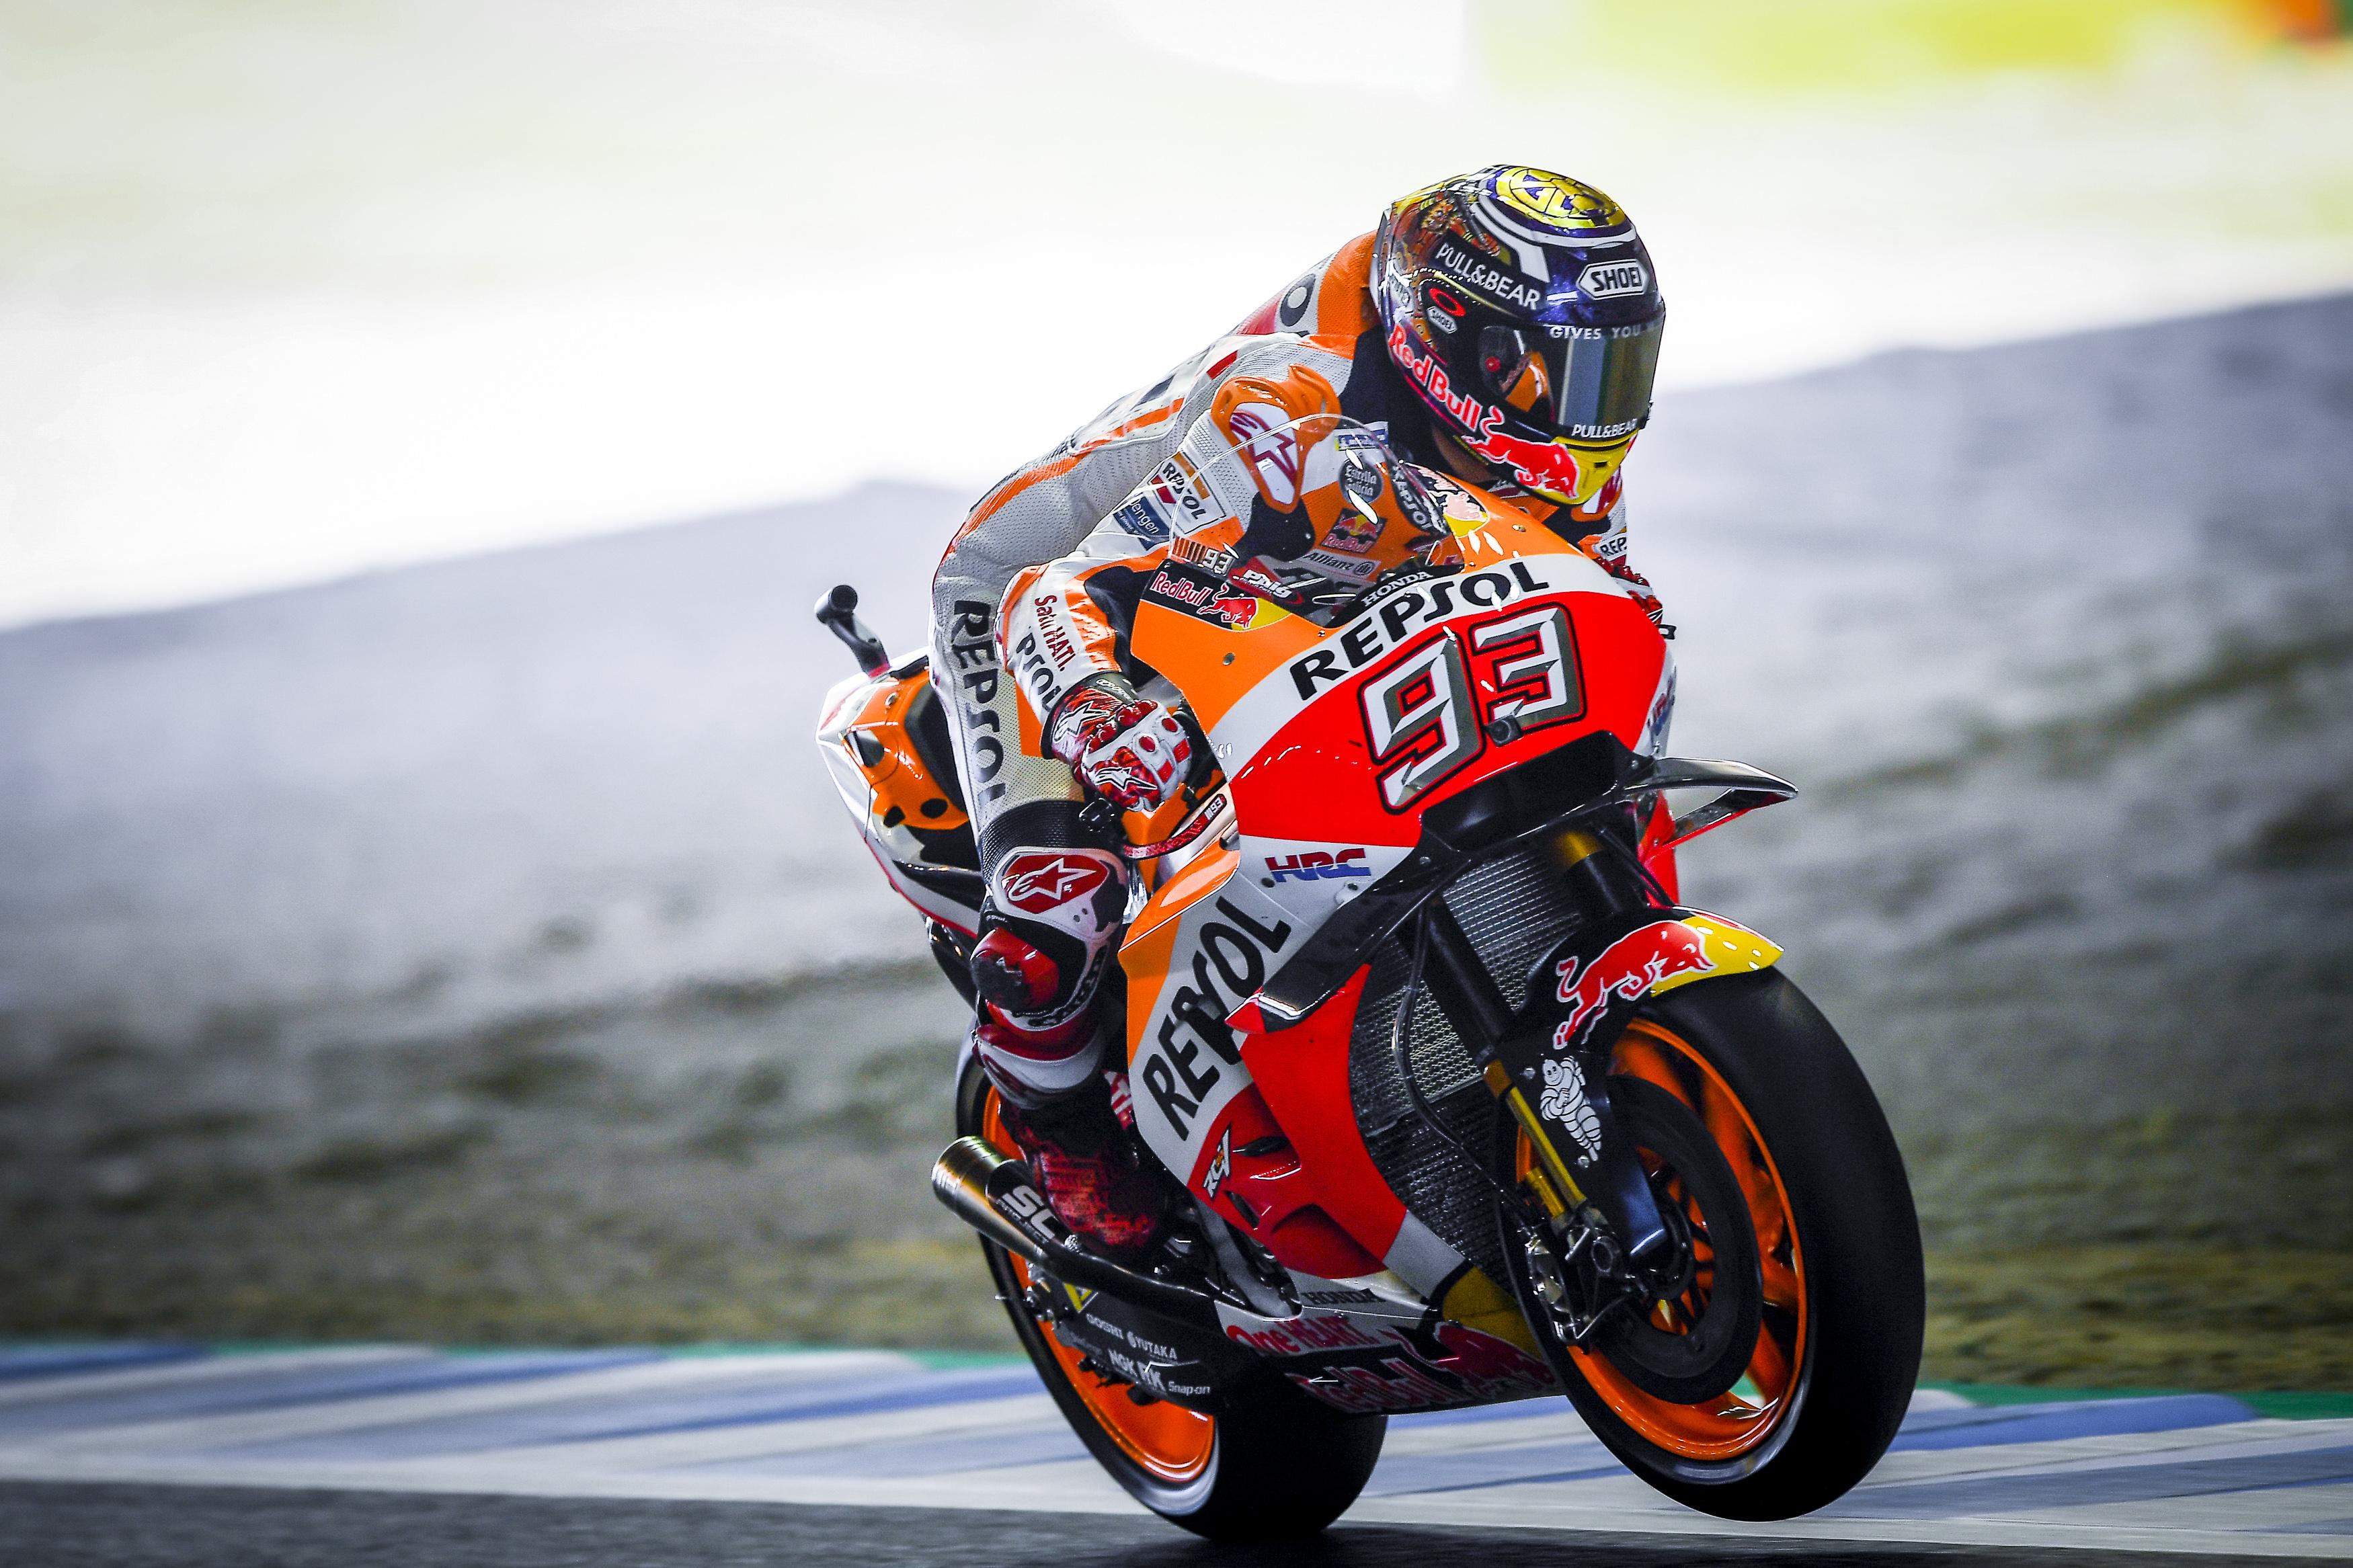 Výsledky závodů MotoGP Japonska 2018